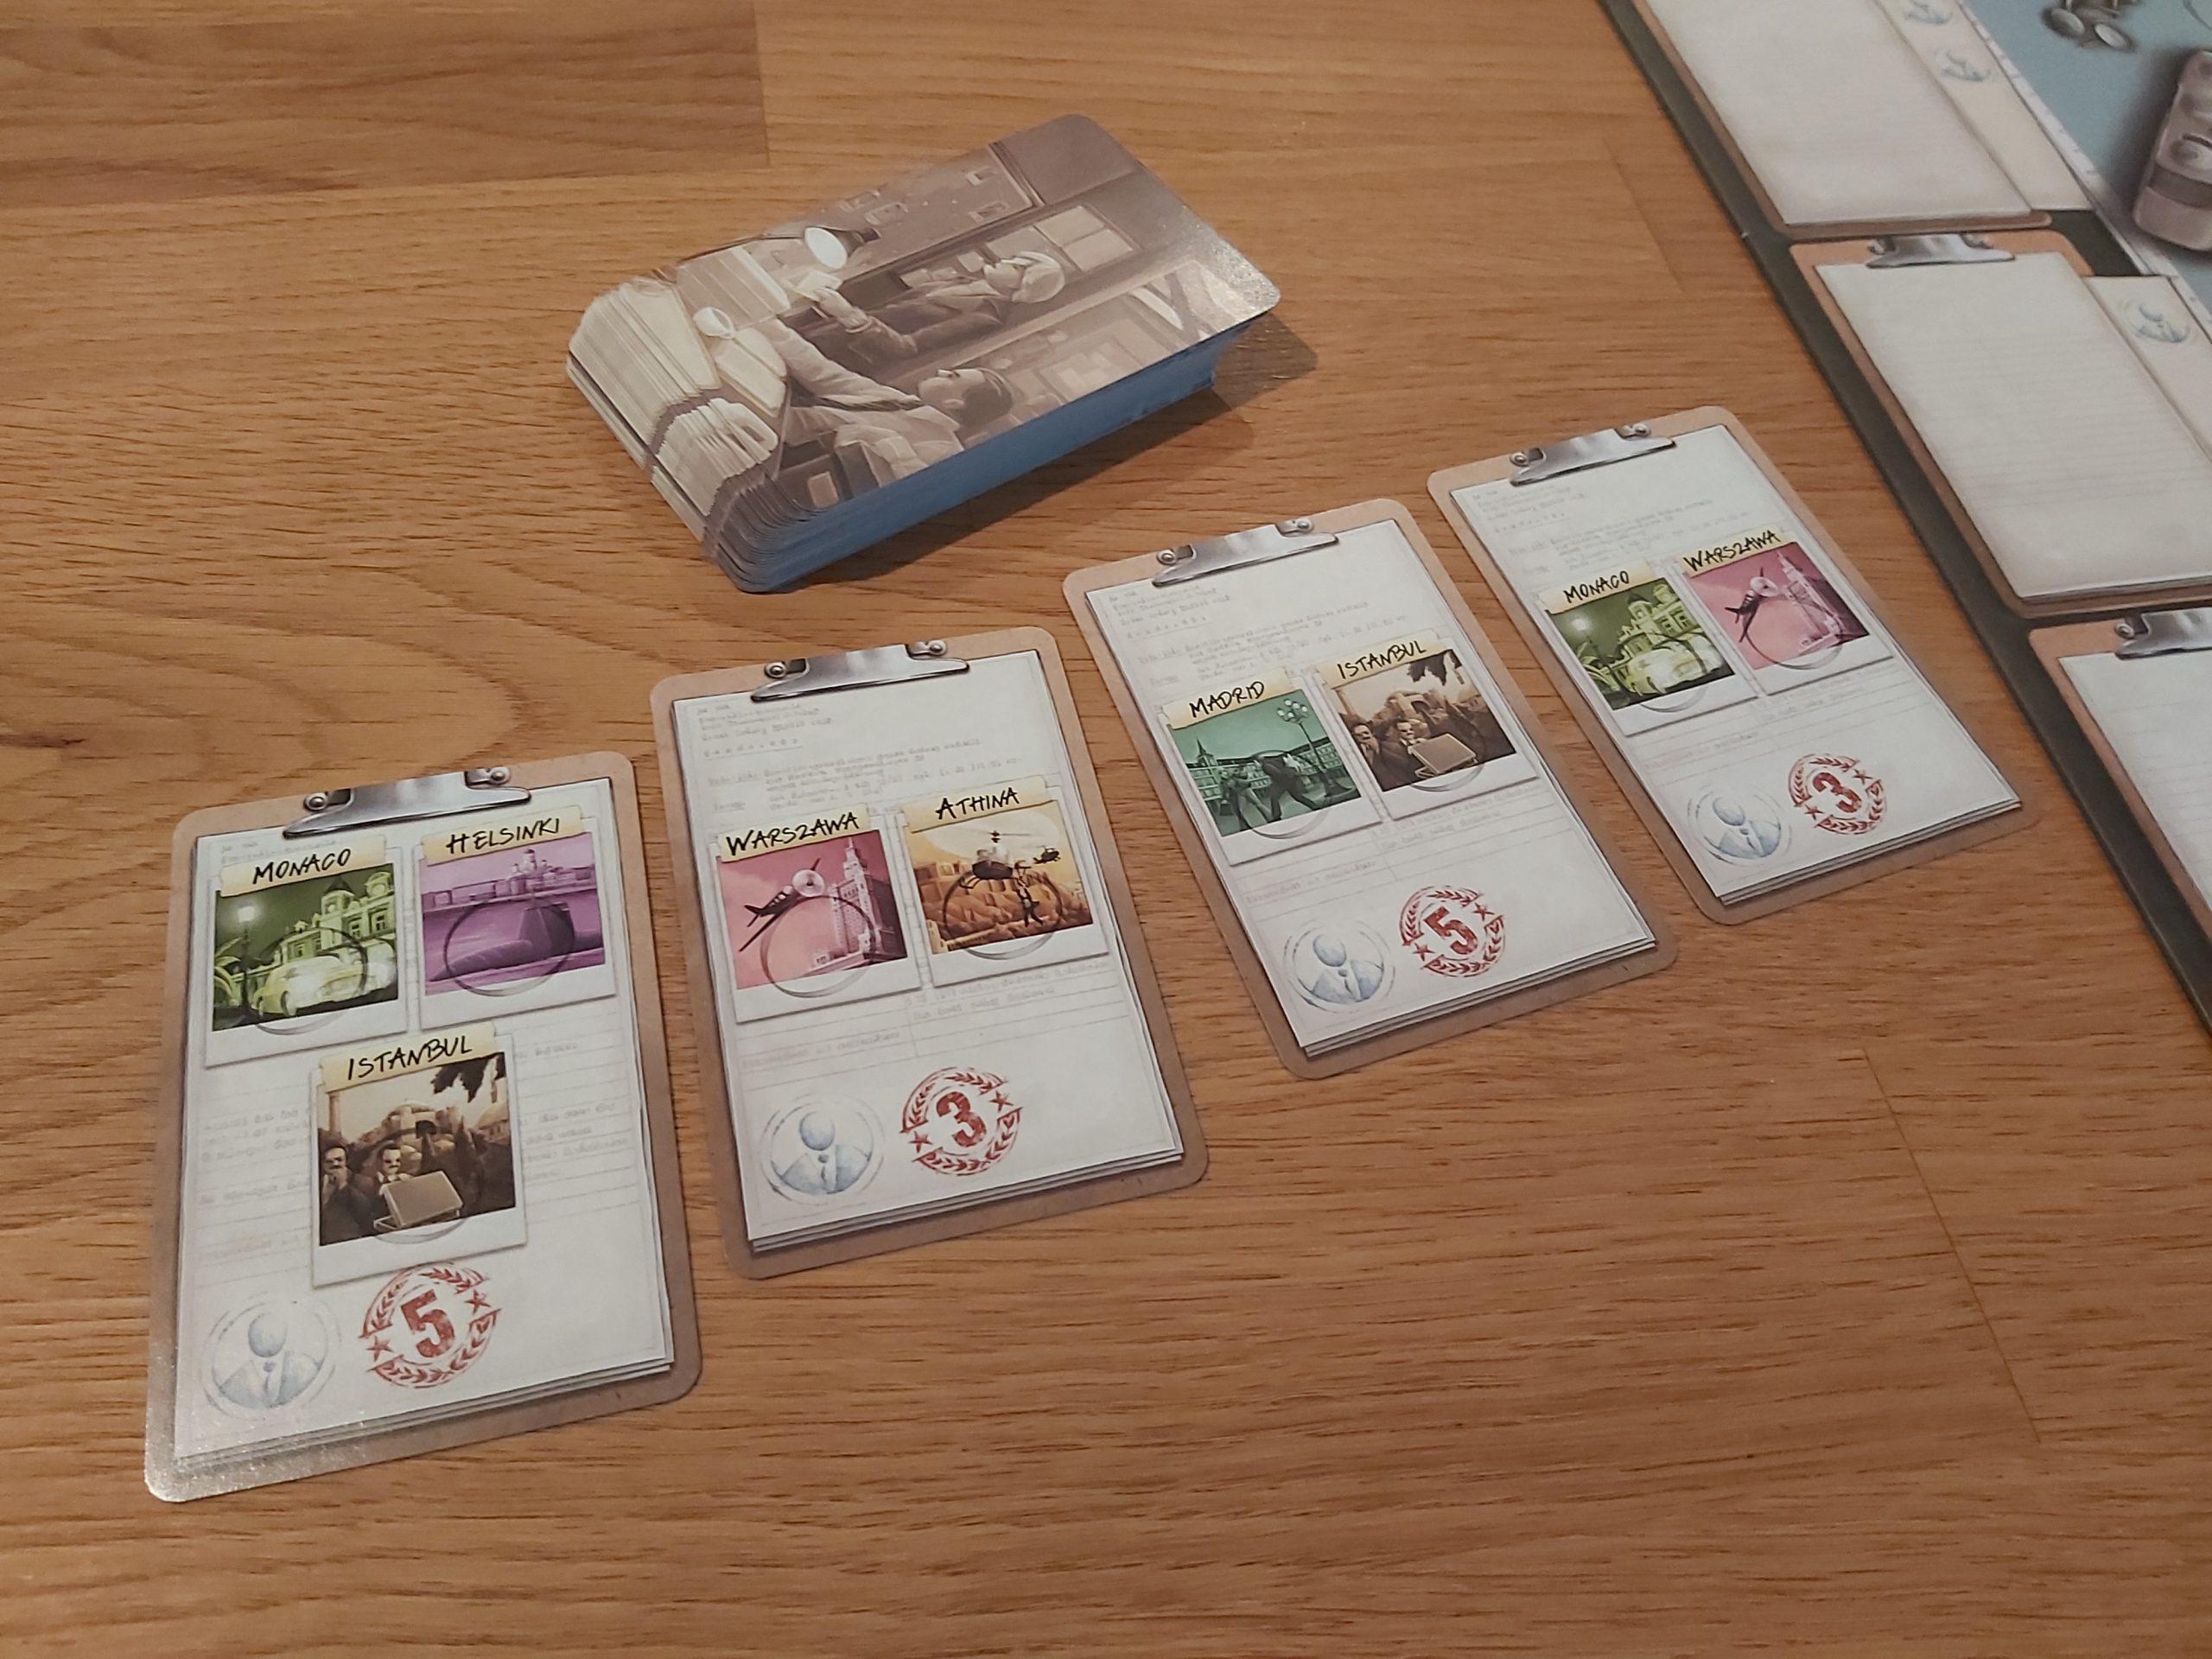 Zu sehen sind die Missionskarten von Spy Connection.